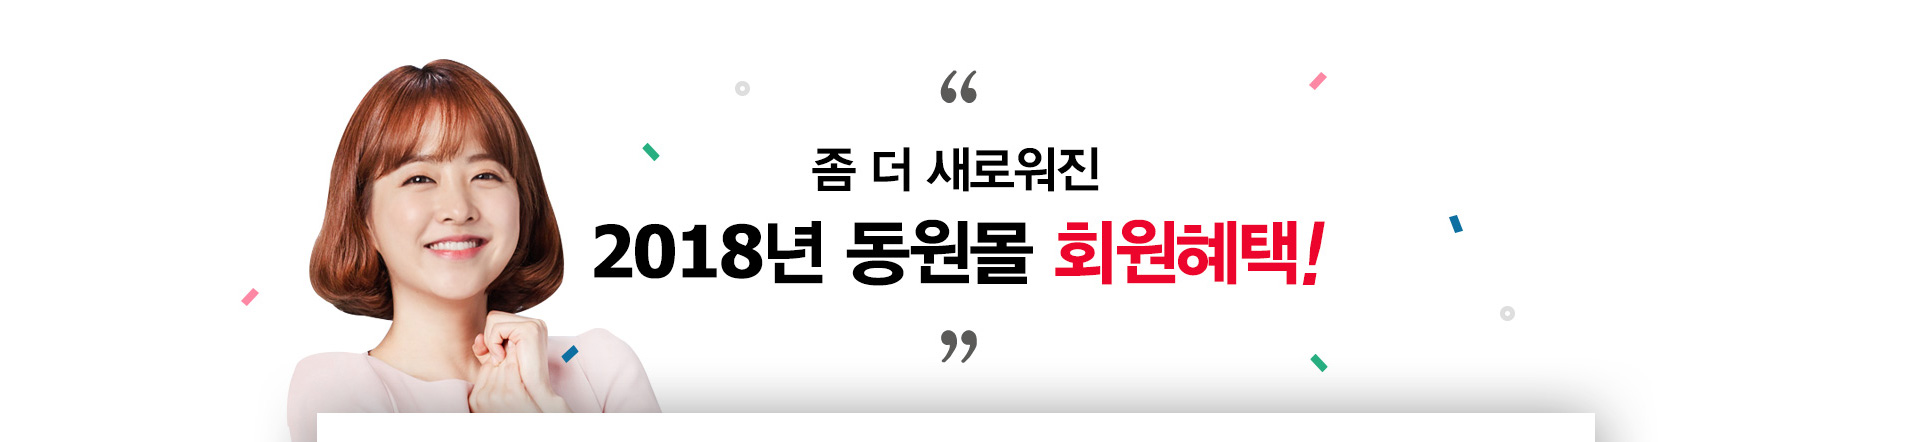 좀 더 새로워진 2018 동원몰 혜택!